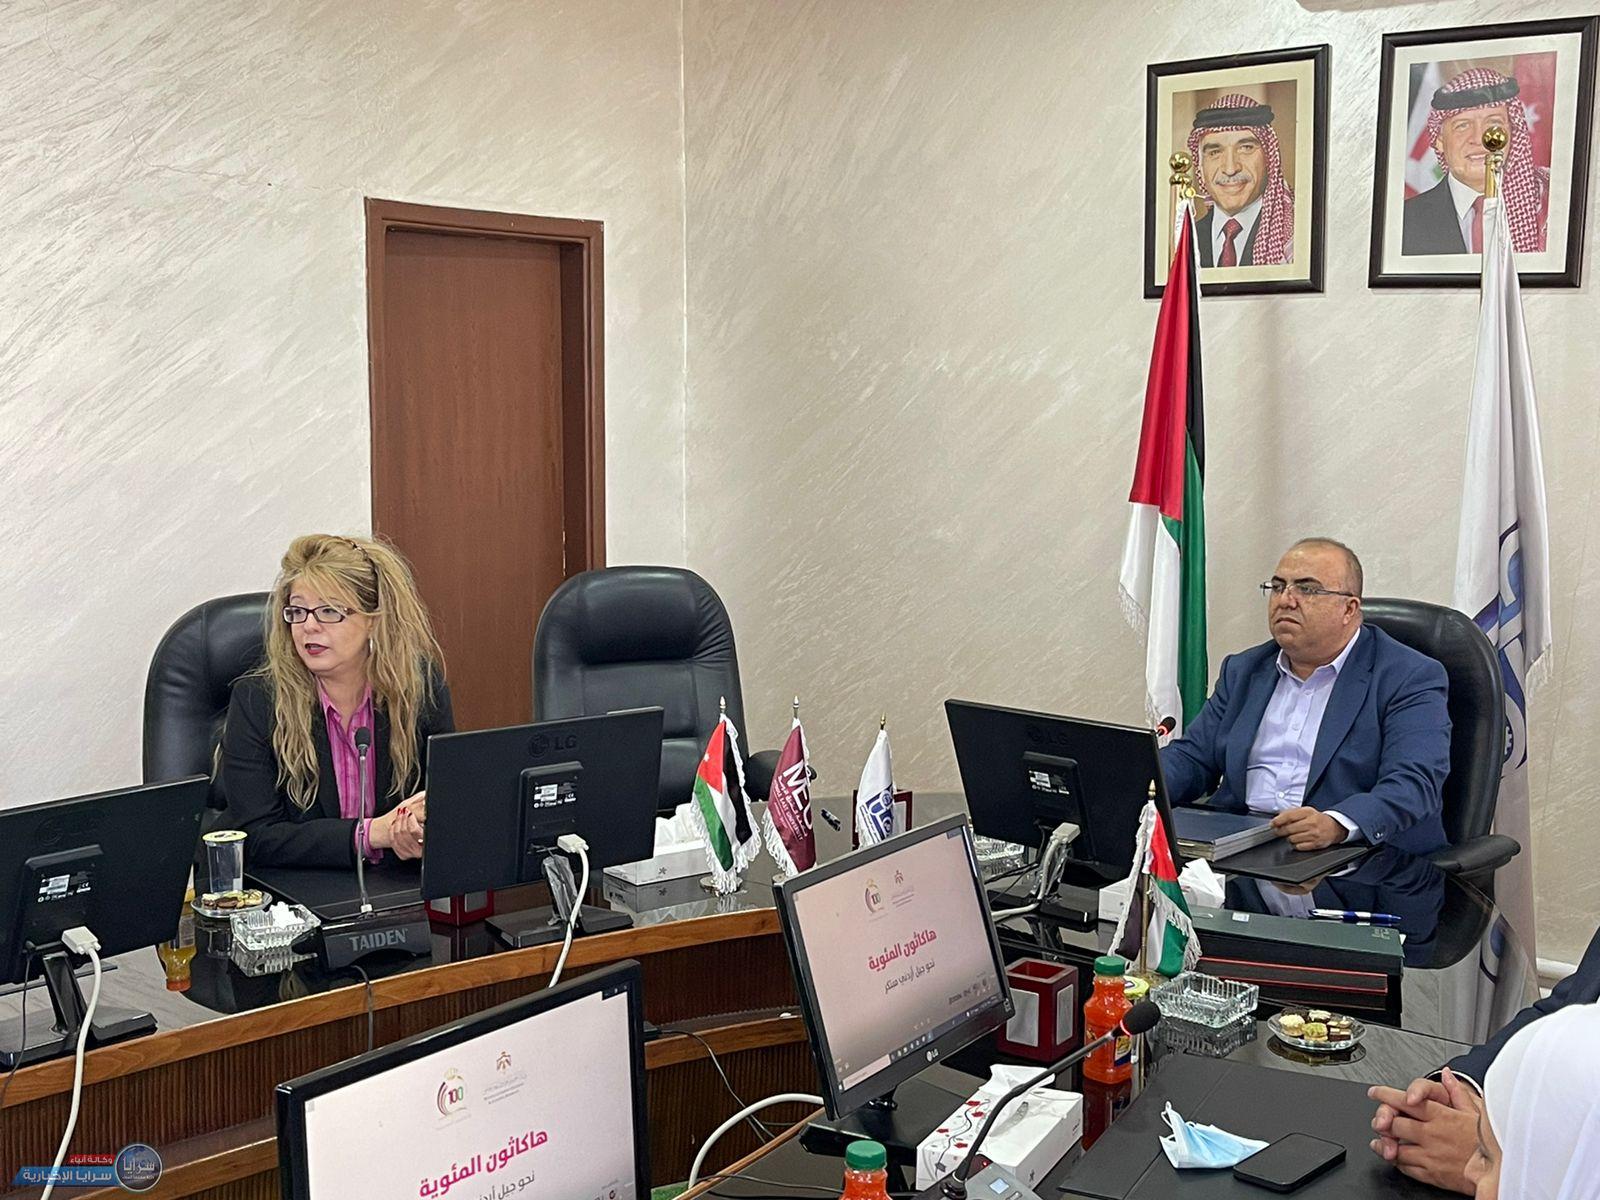 جامعة الشرق الأوسط MEU توقع اتفاقية احتضان مشروعٍ علمي مع وزارة التعليم العالي